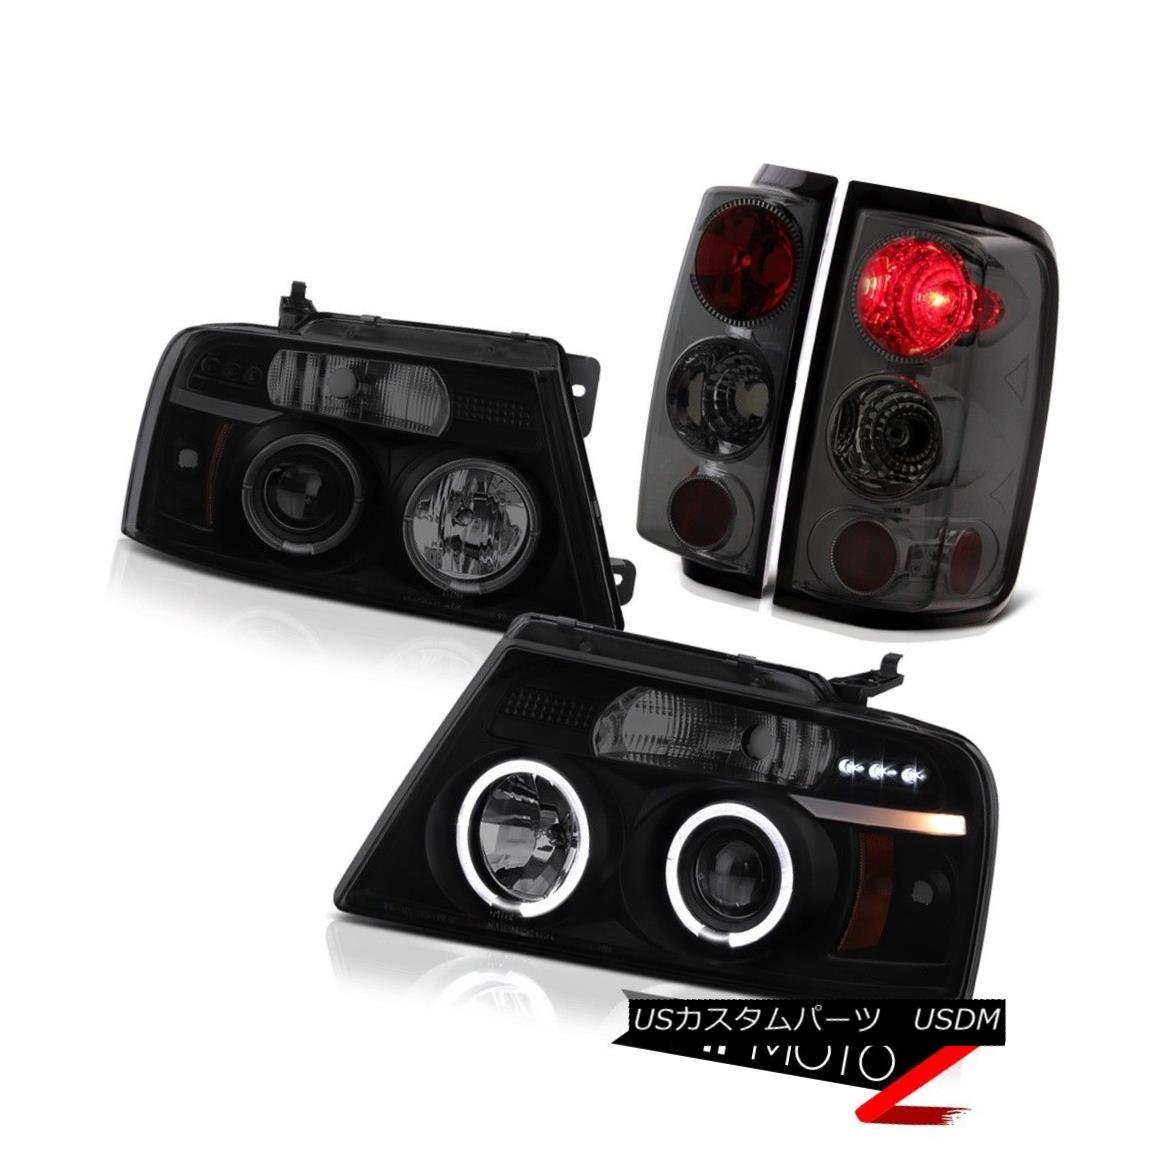 ヘッドライト 2004-2008 Ford F150 Lobo Darkest Smoke Halo LED Headlights Tail Light Brake Lamp 2004-2008フォードF150ロボダークスモークスモークハローLEDヘッドライトテールライトブレーキランプ